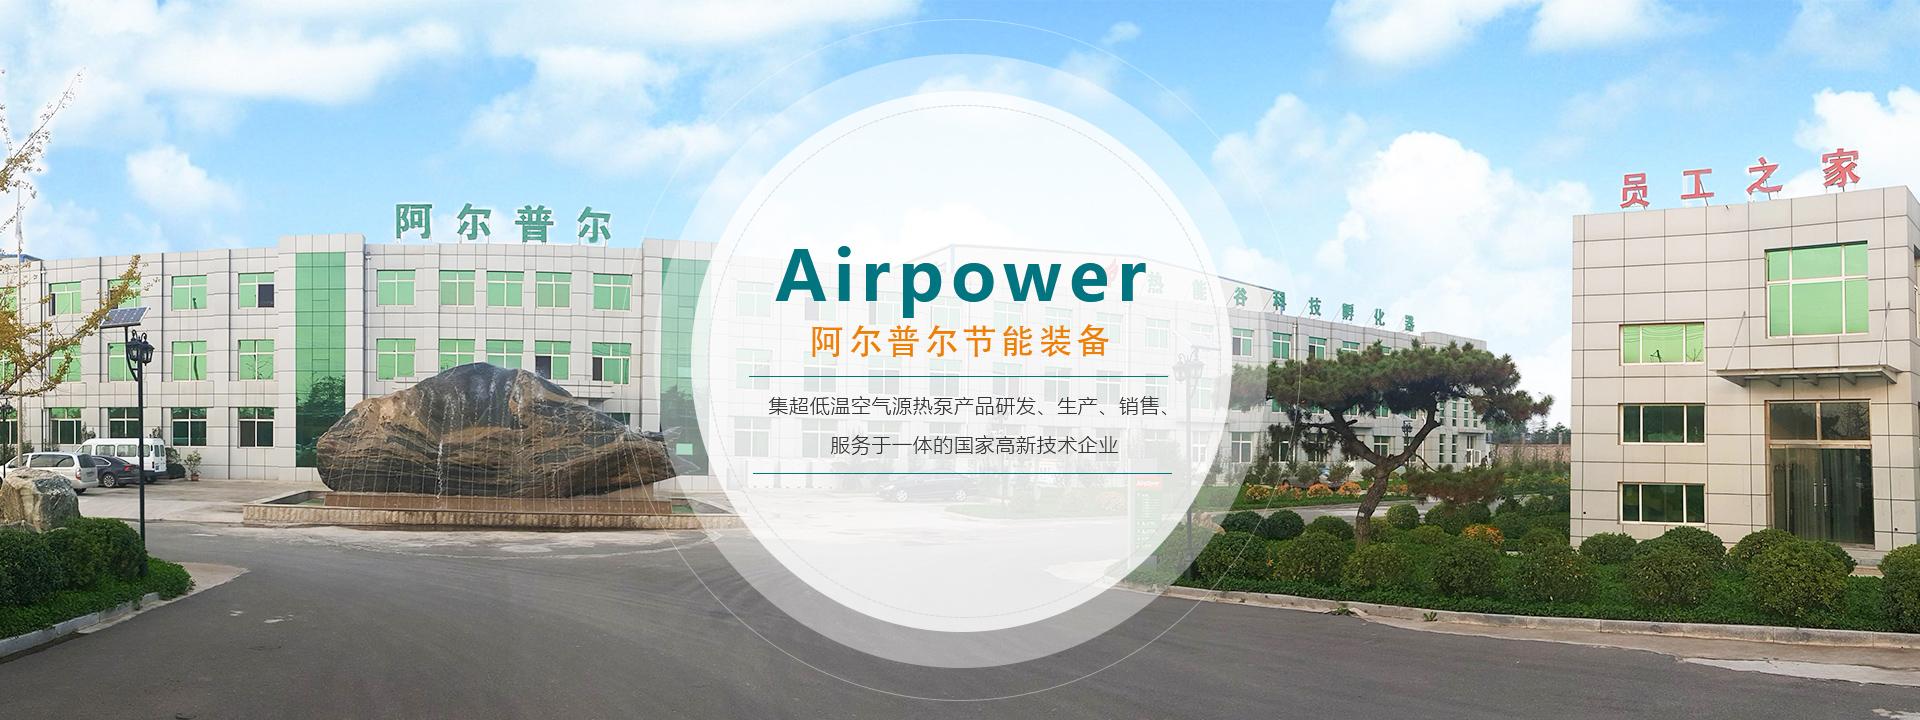 煤改电采暖厂家:山东阿尔普尔节能装备有限公司